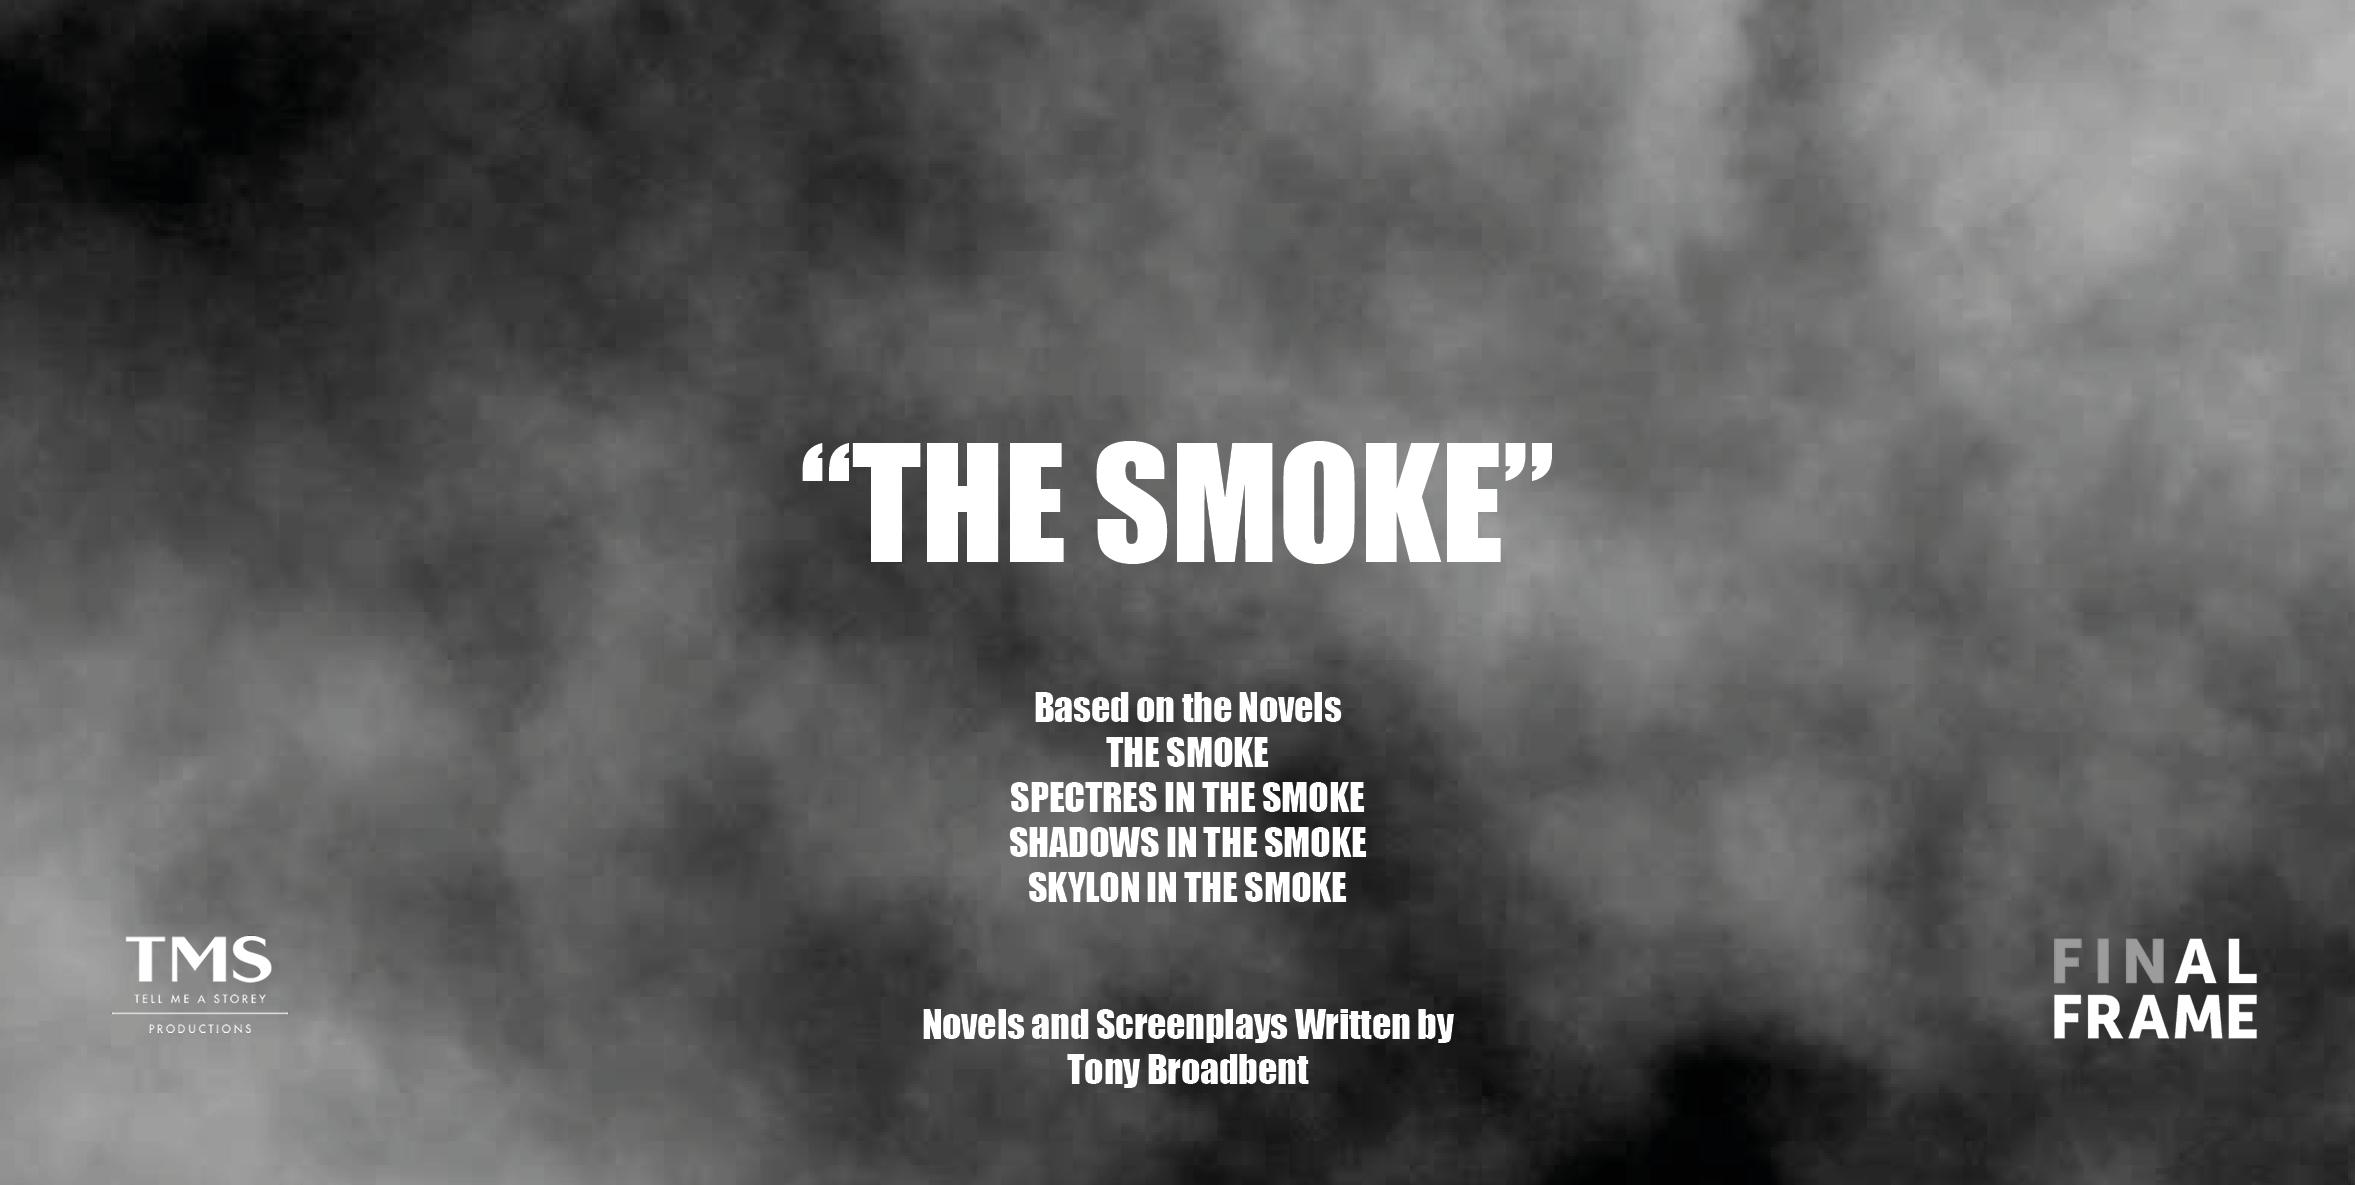 THE SMOKE_2.jpg